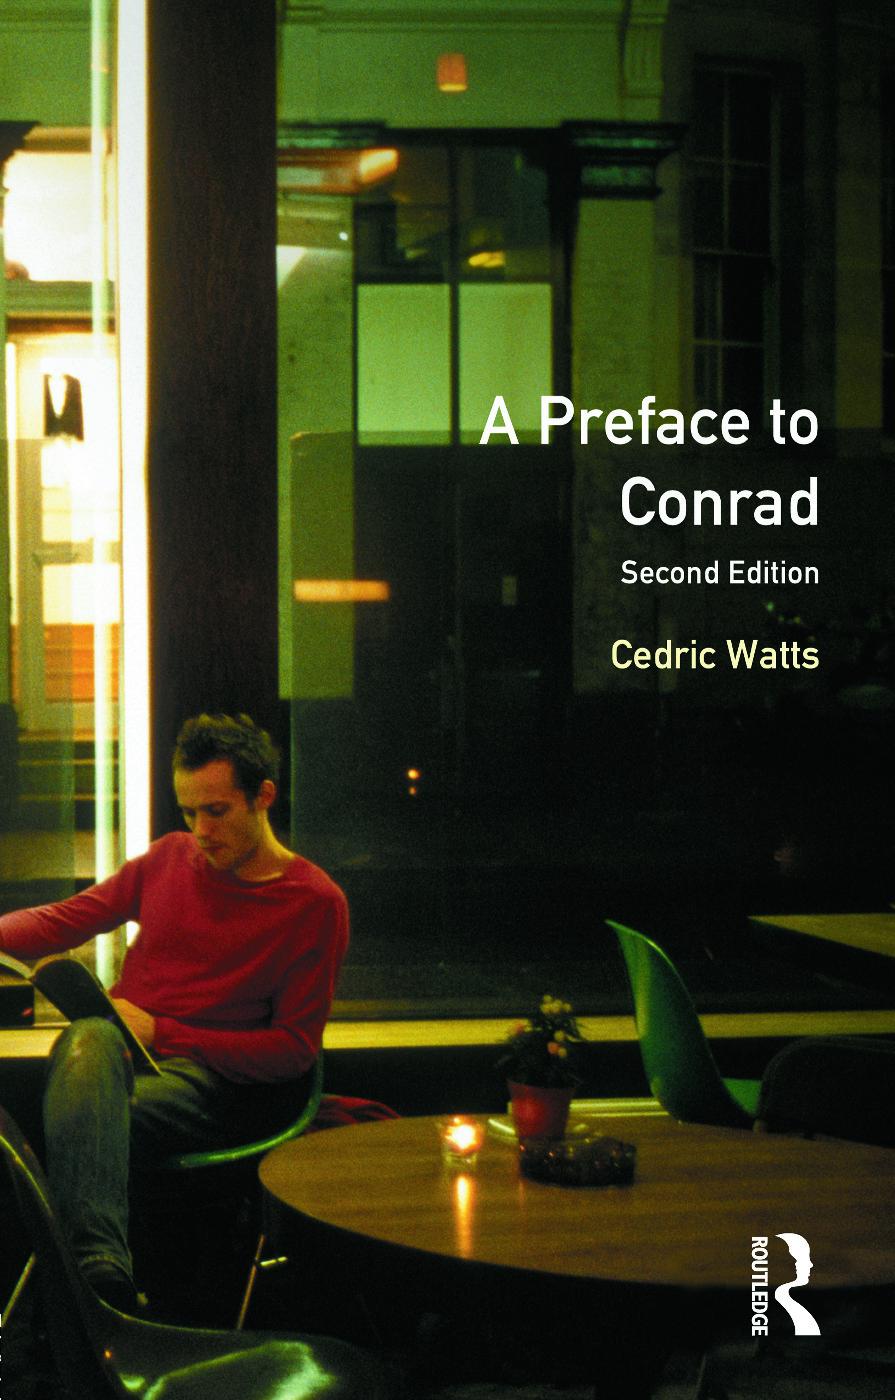 A Preface to Conrad: Second Edition book cover